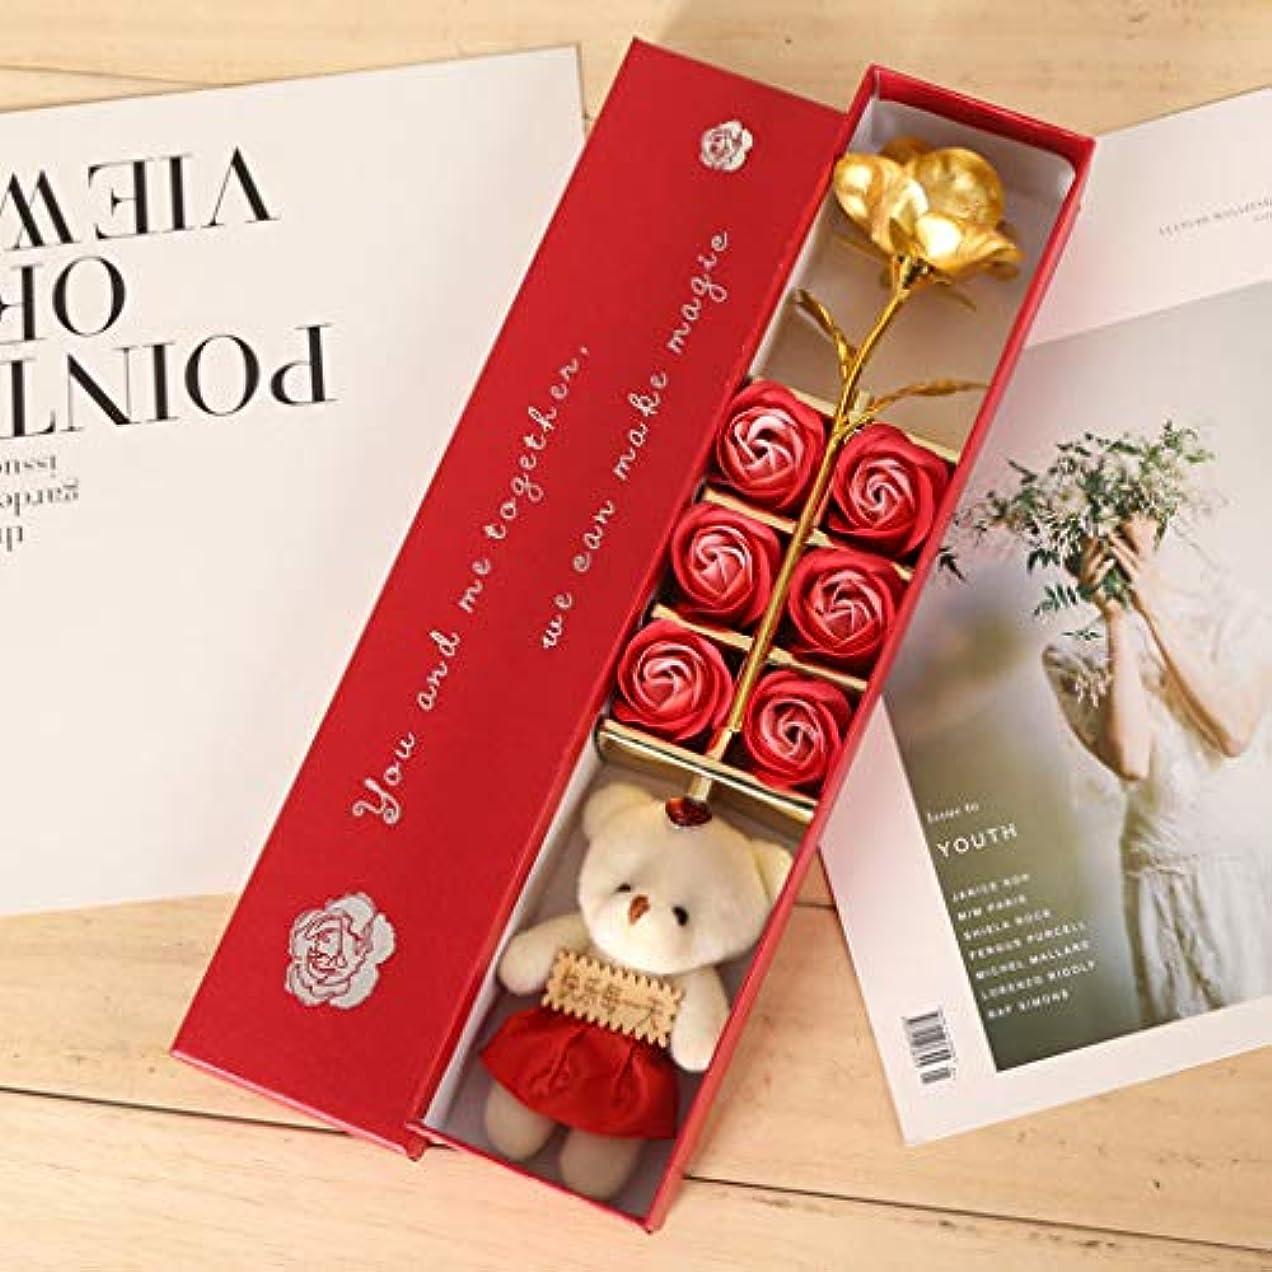 暴君長老解釈【ゴールデンローズギフトボックス】6石鹸のバラの花/せっけんの花/かわいいバラ/素敵な女の子/ママへのユニークな贈り物/誕生日/母の日/記念日/バレンタインデー/卒業プレゼント/あなたが愛した人のための女性 (レッド)